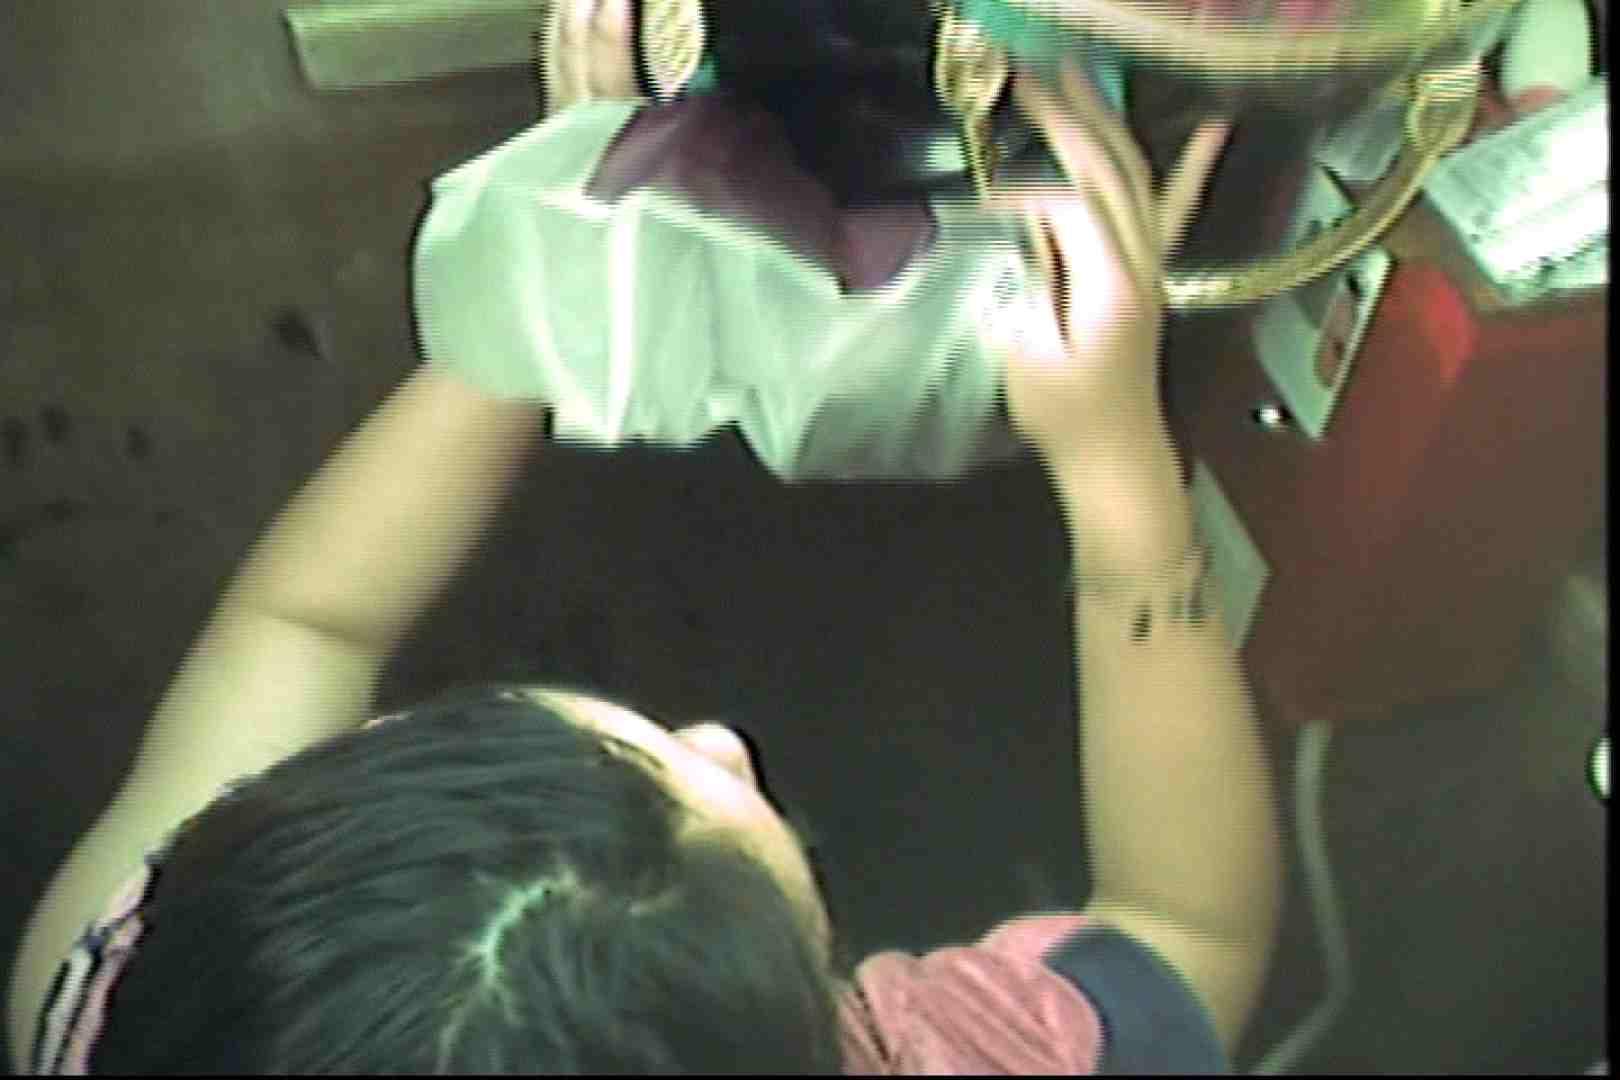 海の家の更衣室 Vol.49 美女のボディ AV無料動画キャプチャ 76PIX 44